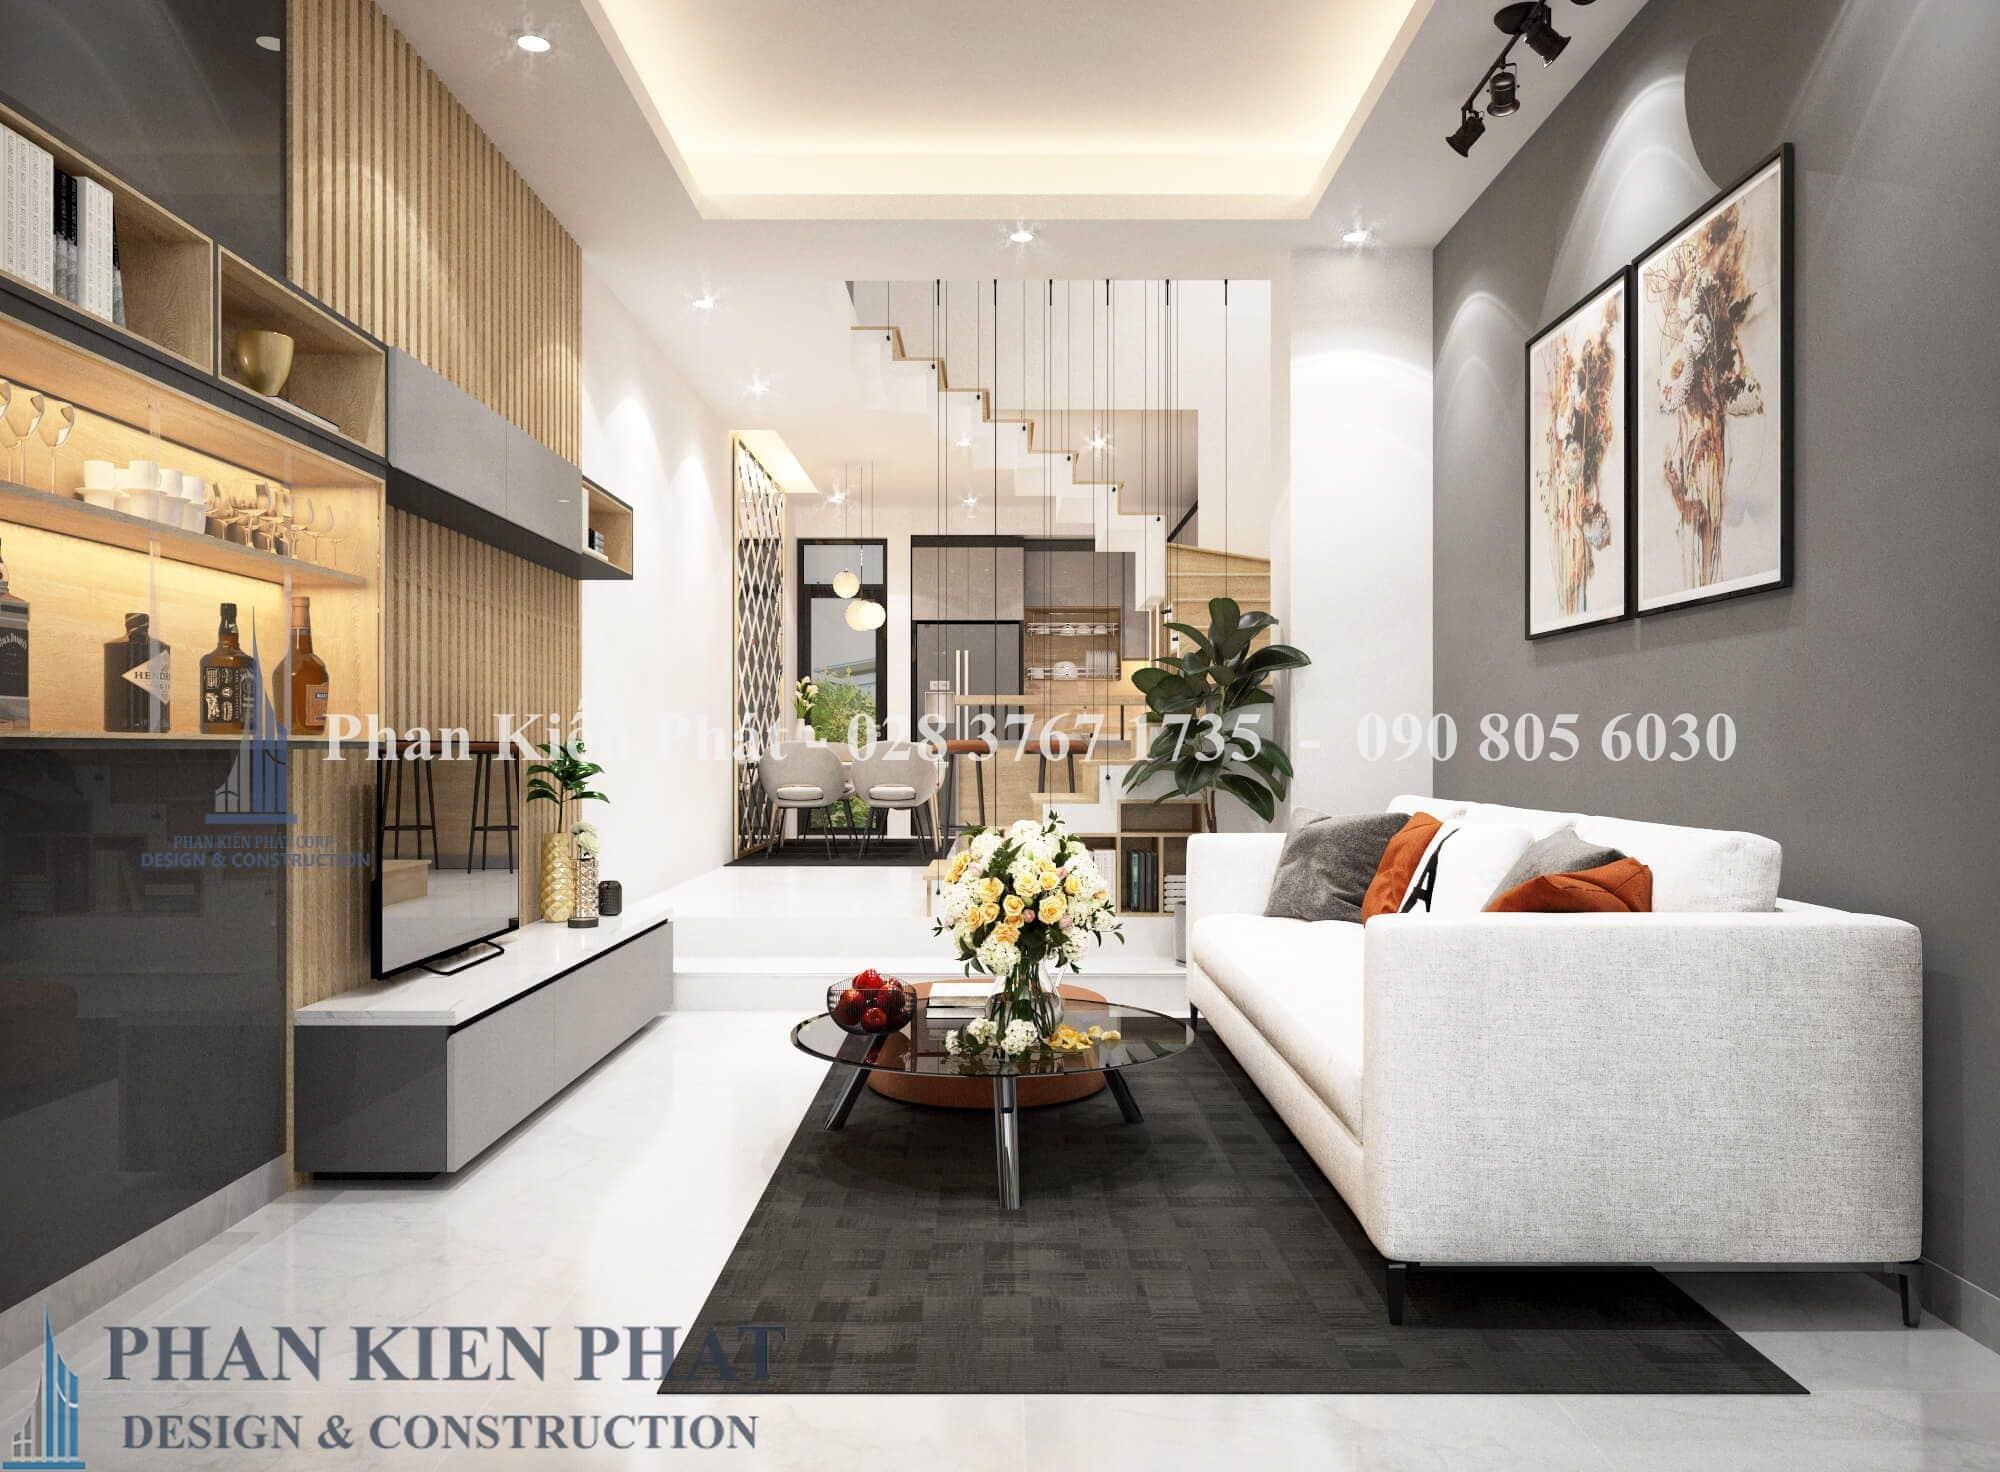 Noi That Phong Khach View 1 nhà phố 3 tầng tân cổ điển